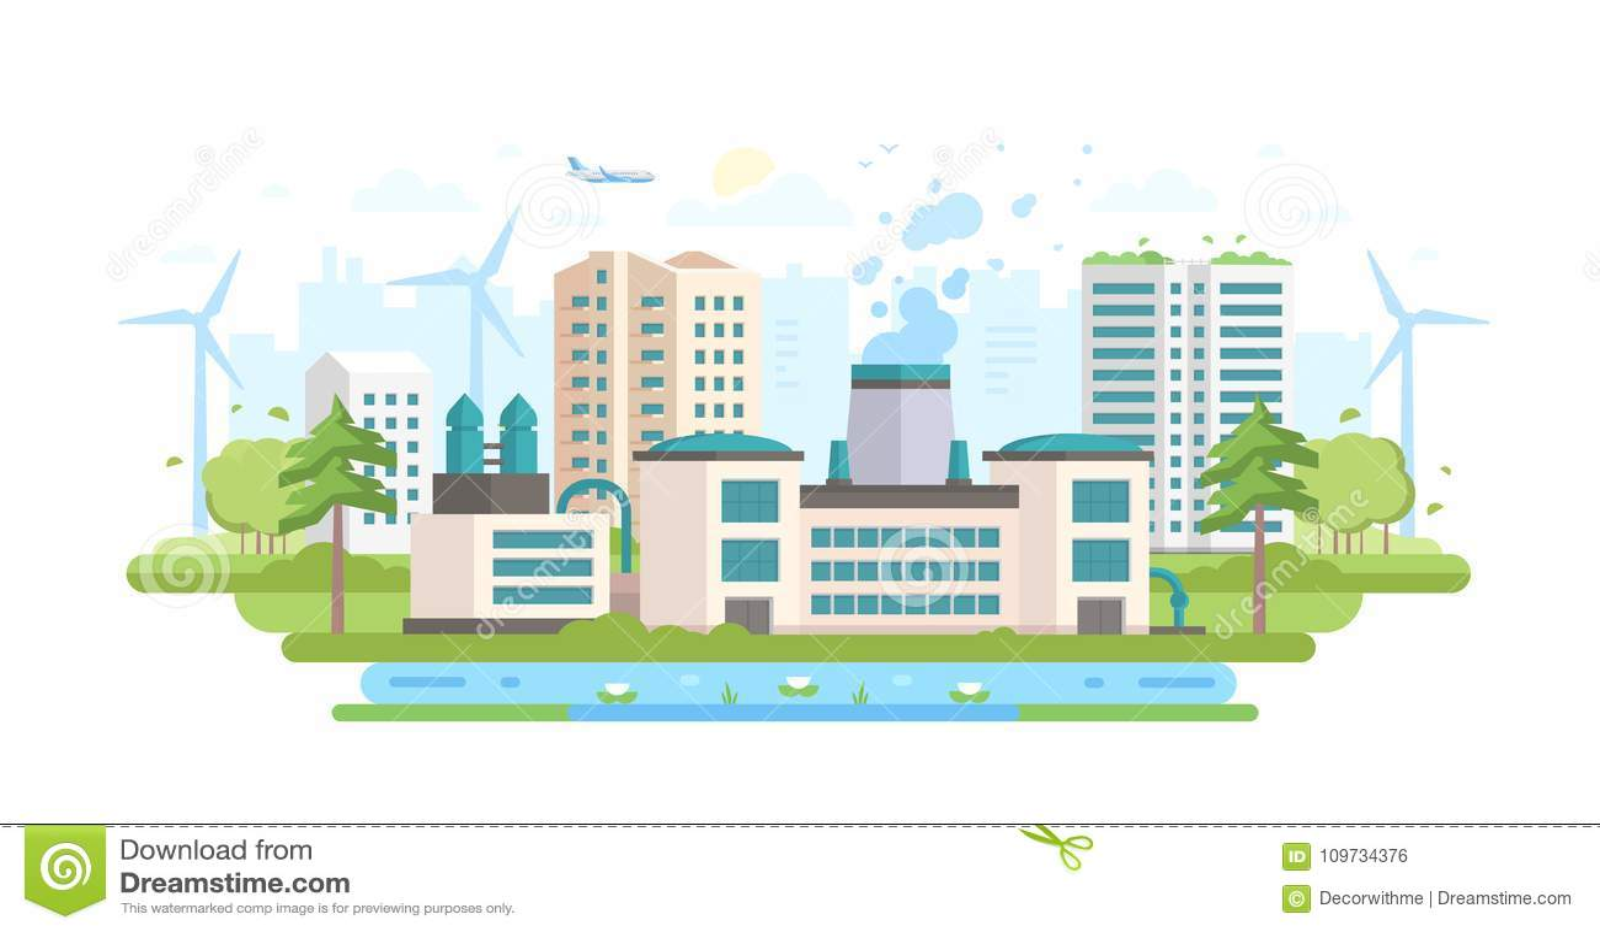 дружественная к Эко индустрия - современная плоская иллюстрация вектора стиля дизайна